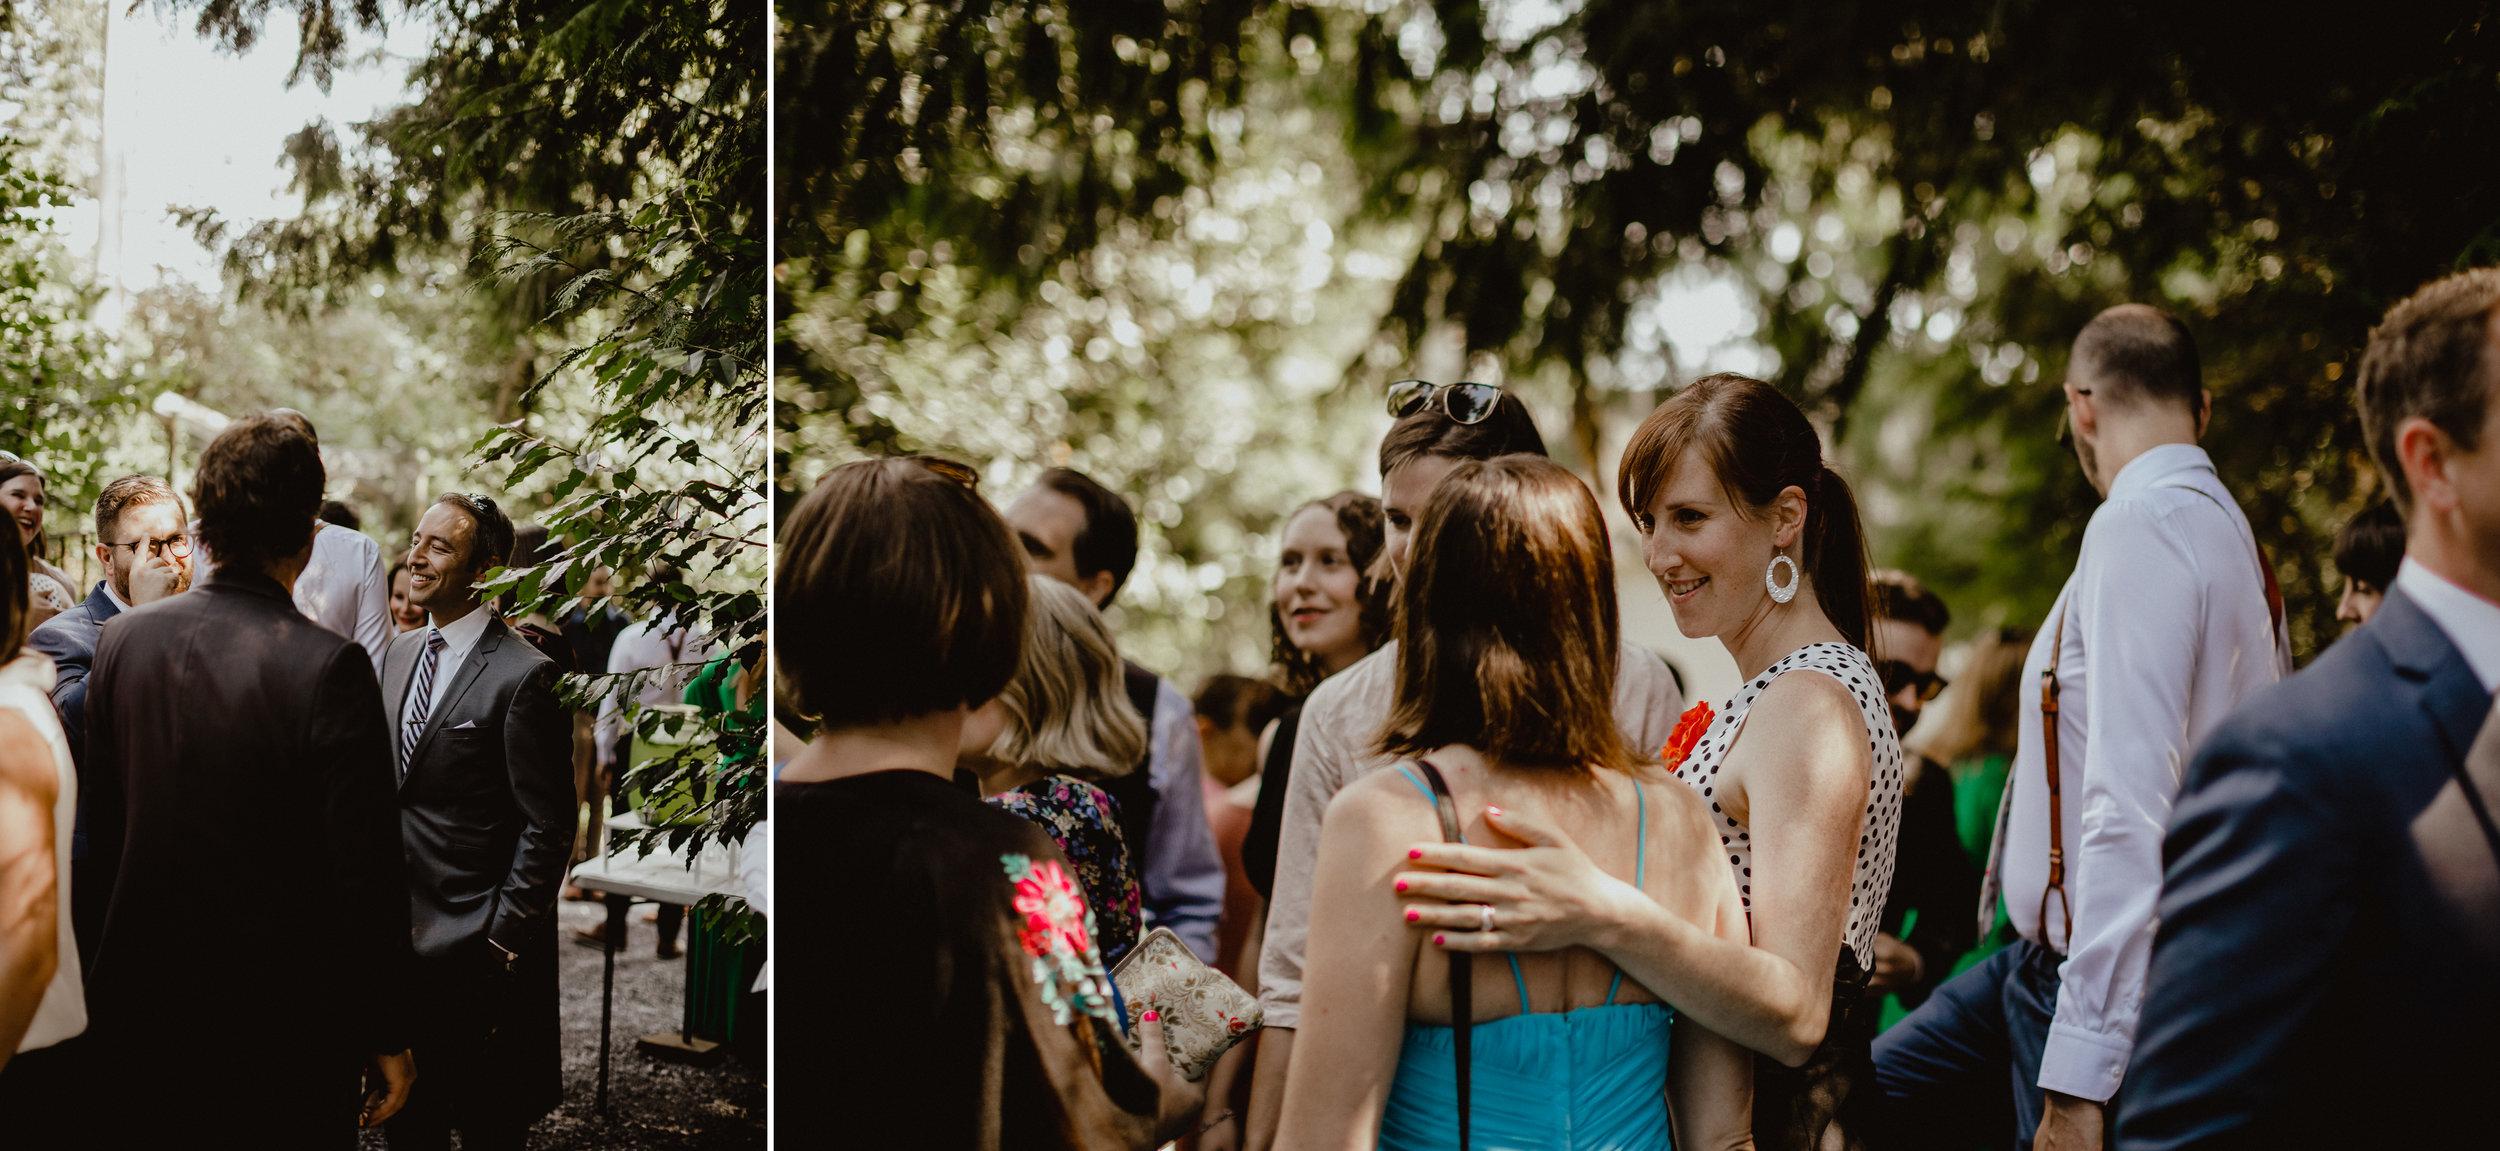 west-vancouver-backyard-wedding-73.jpg